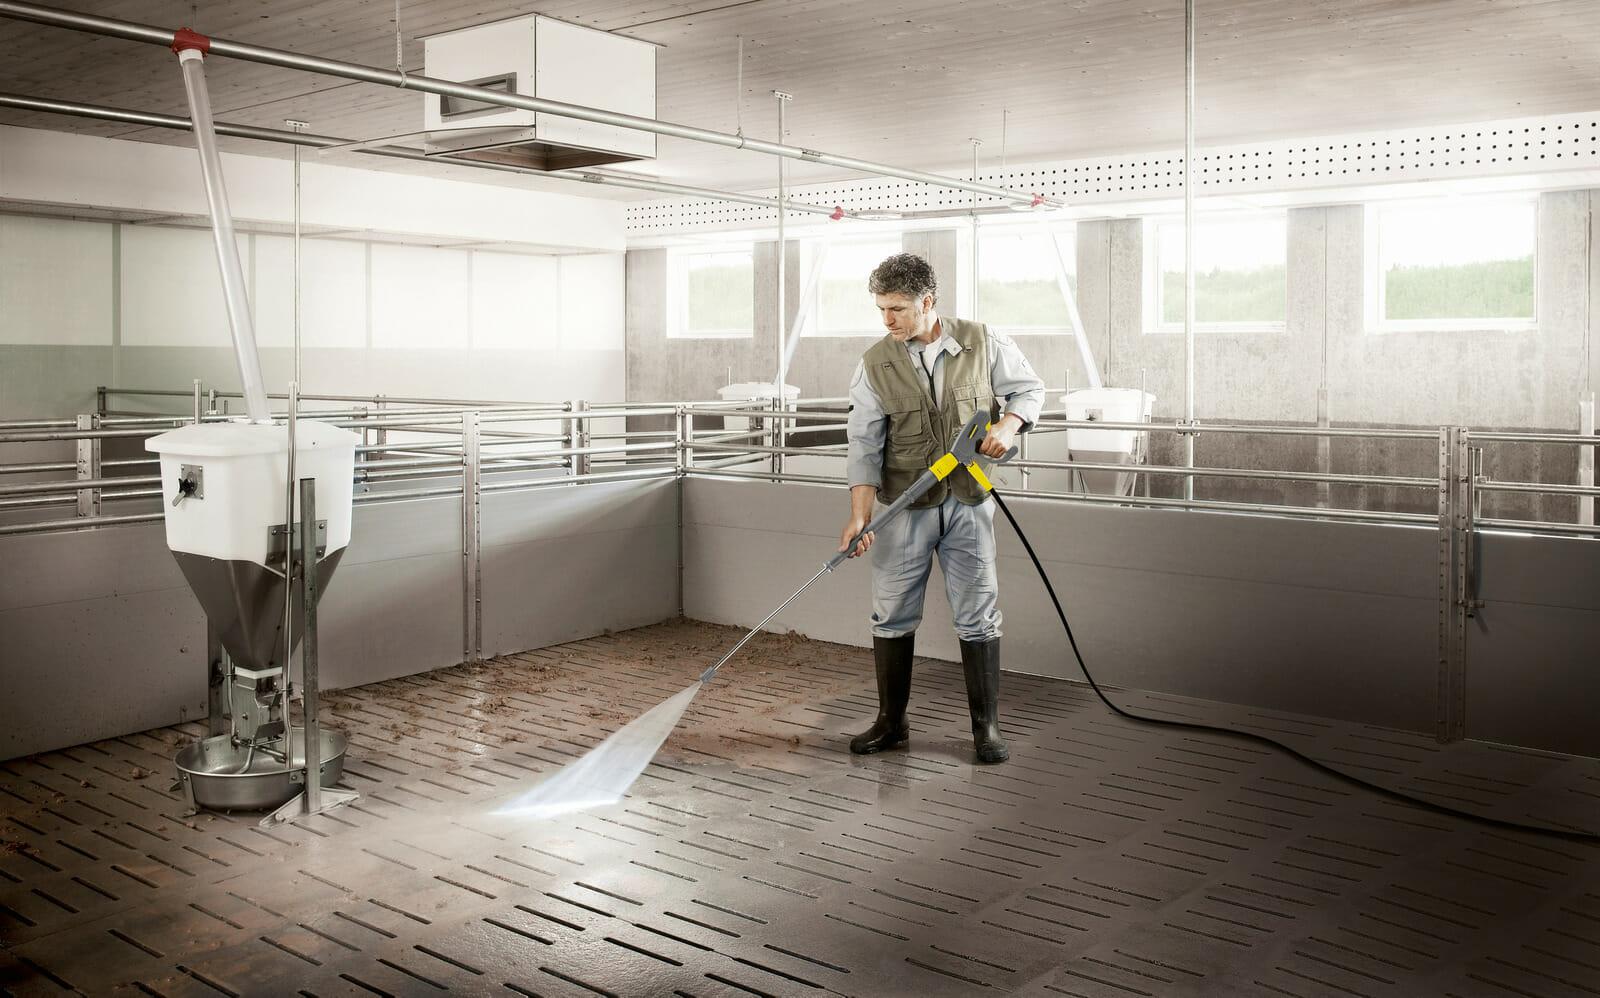 Nettoyer et désinfecter efficacement